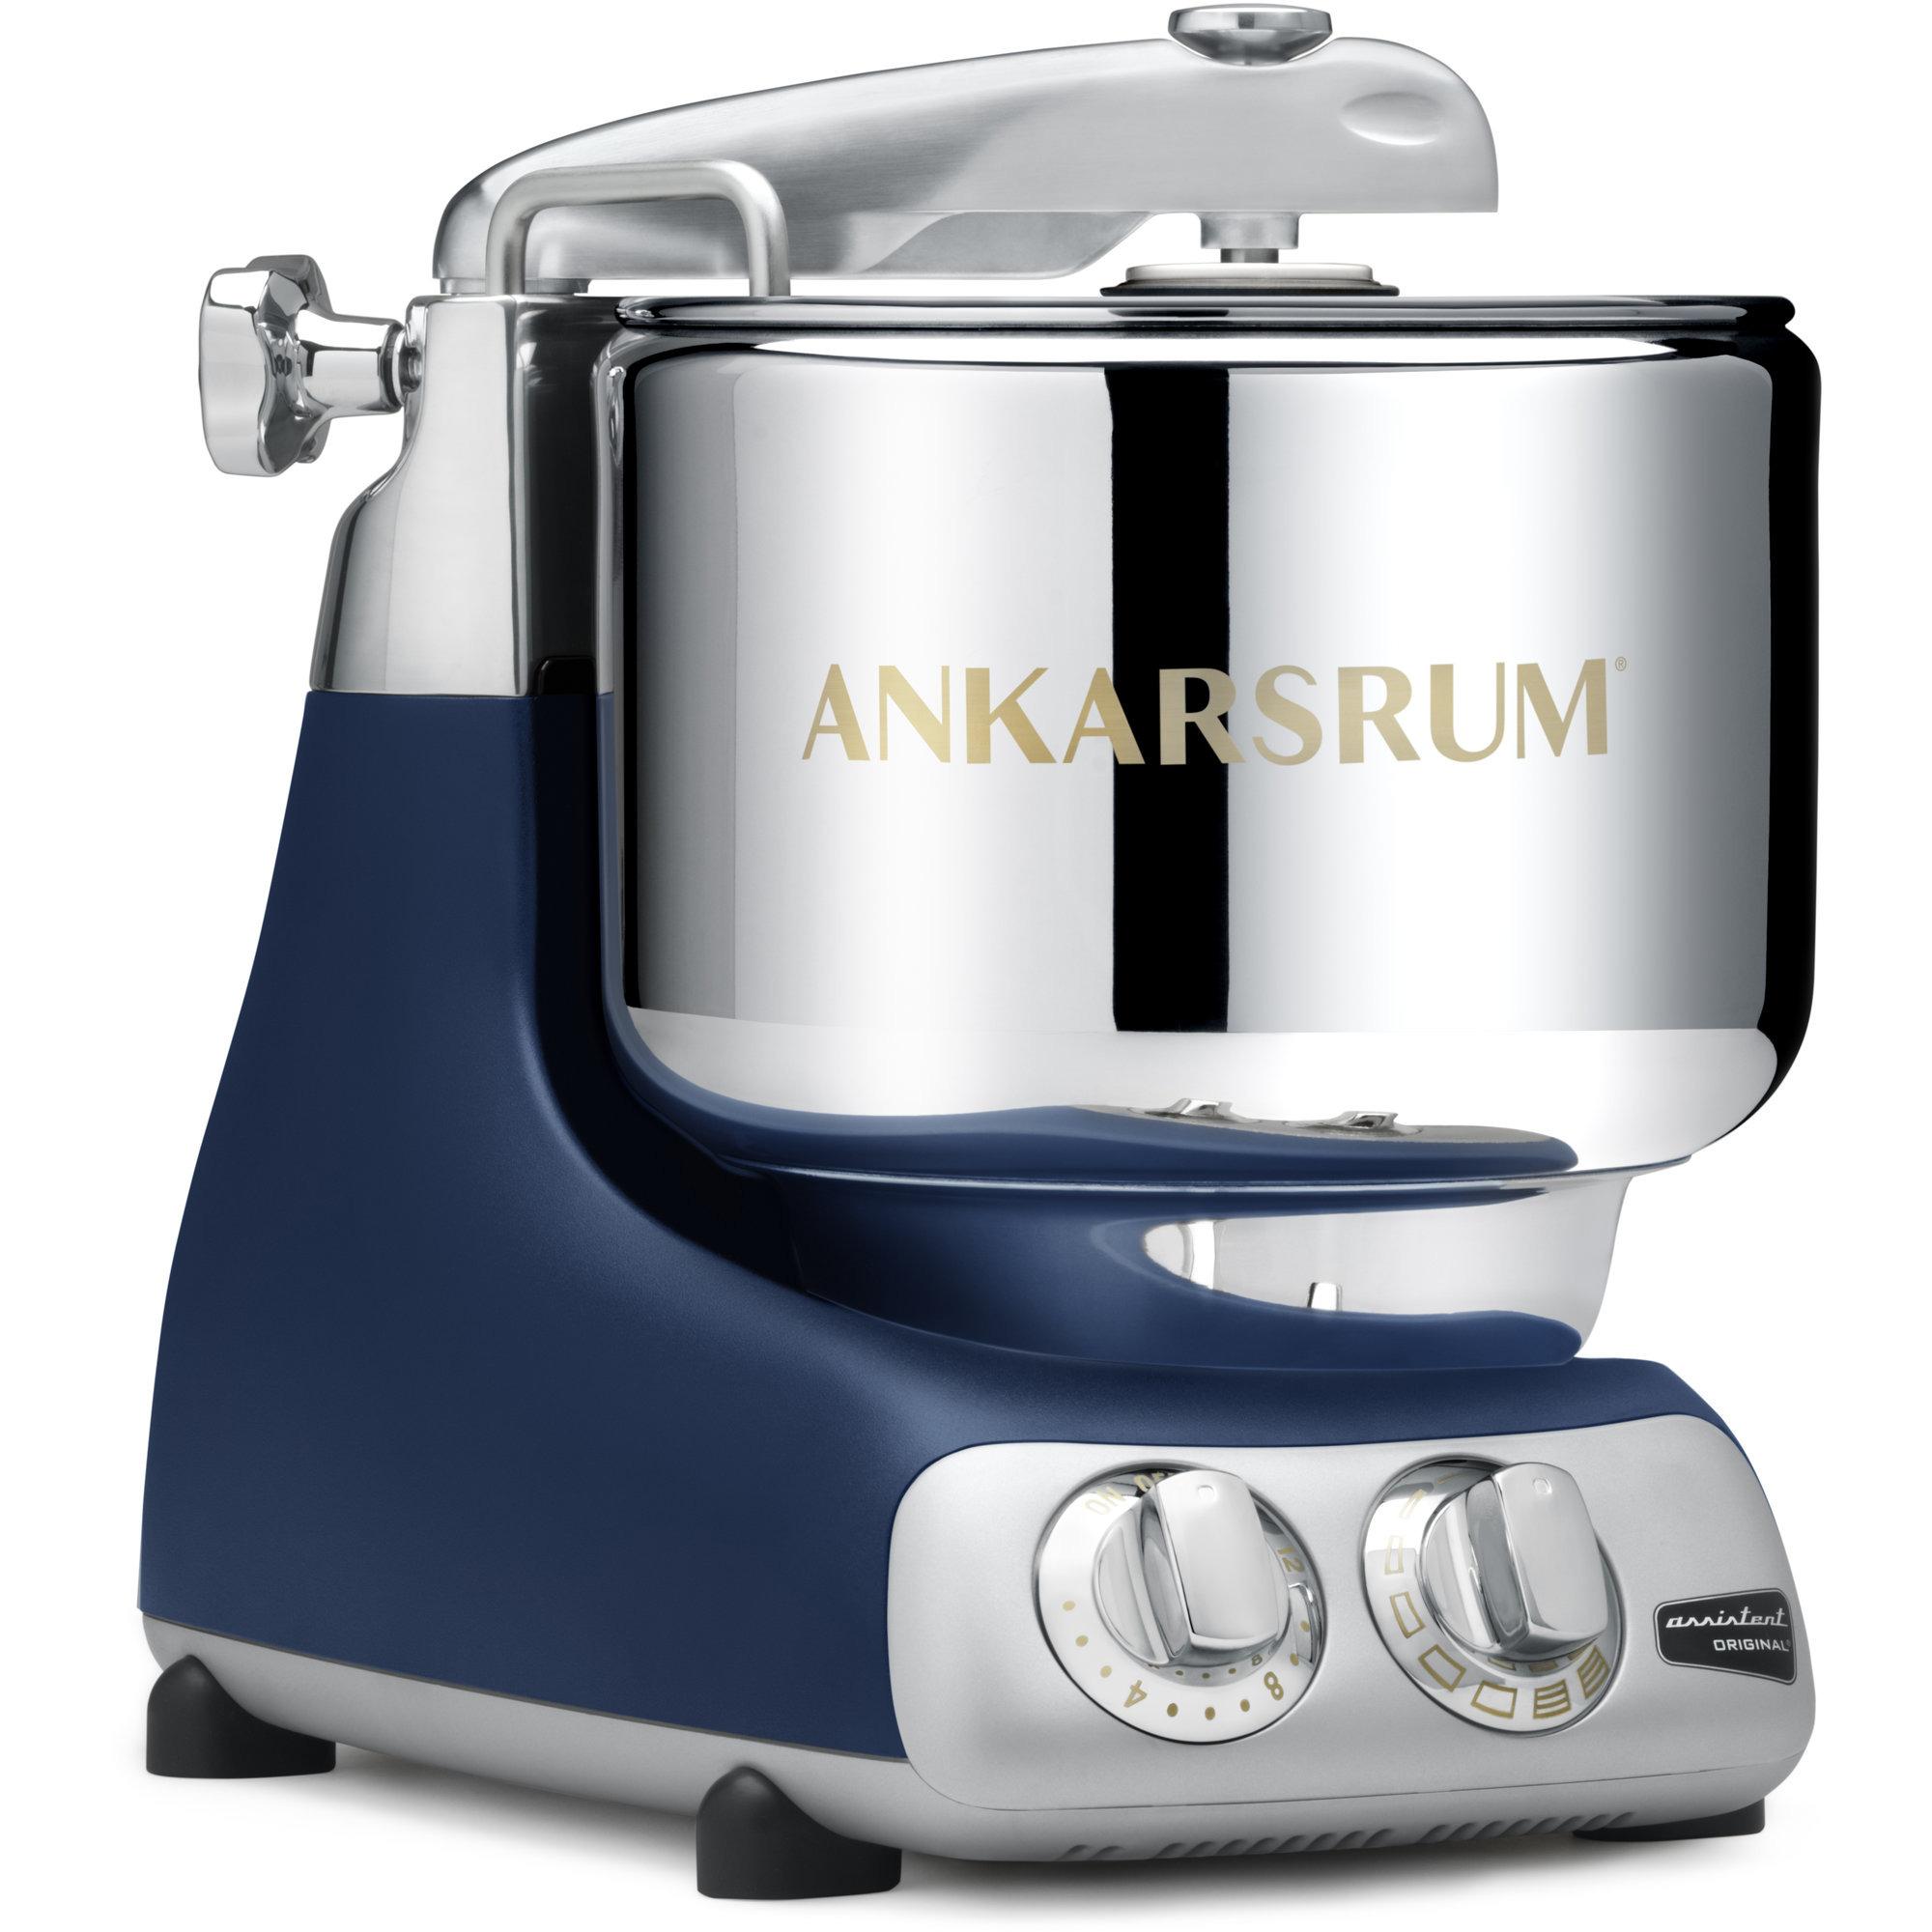 Bild av Ankarsrum Assistent AKM 6230 Kjøkkenmaskin Royal Blue